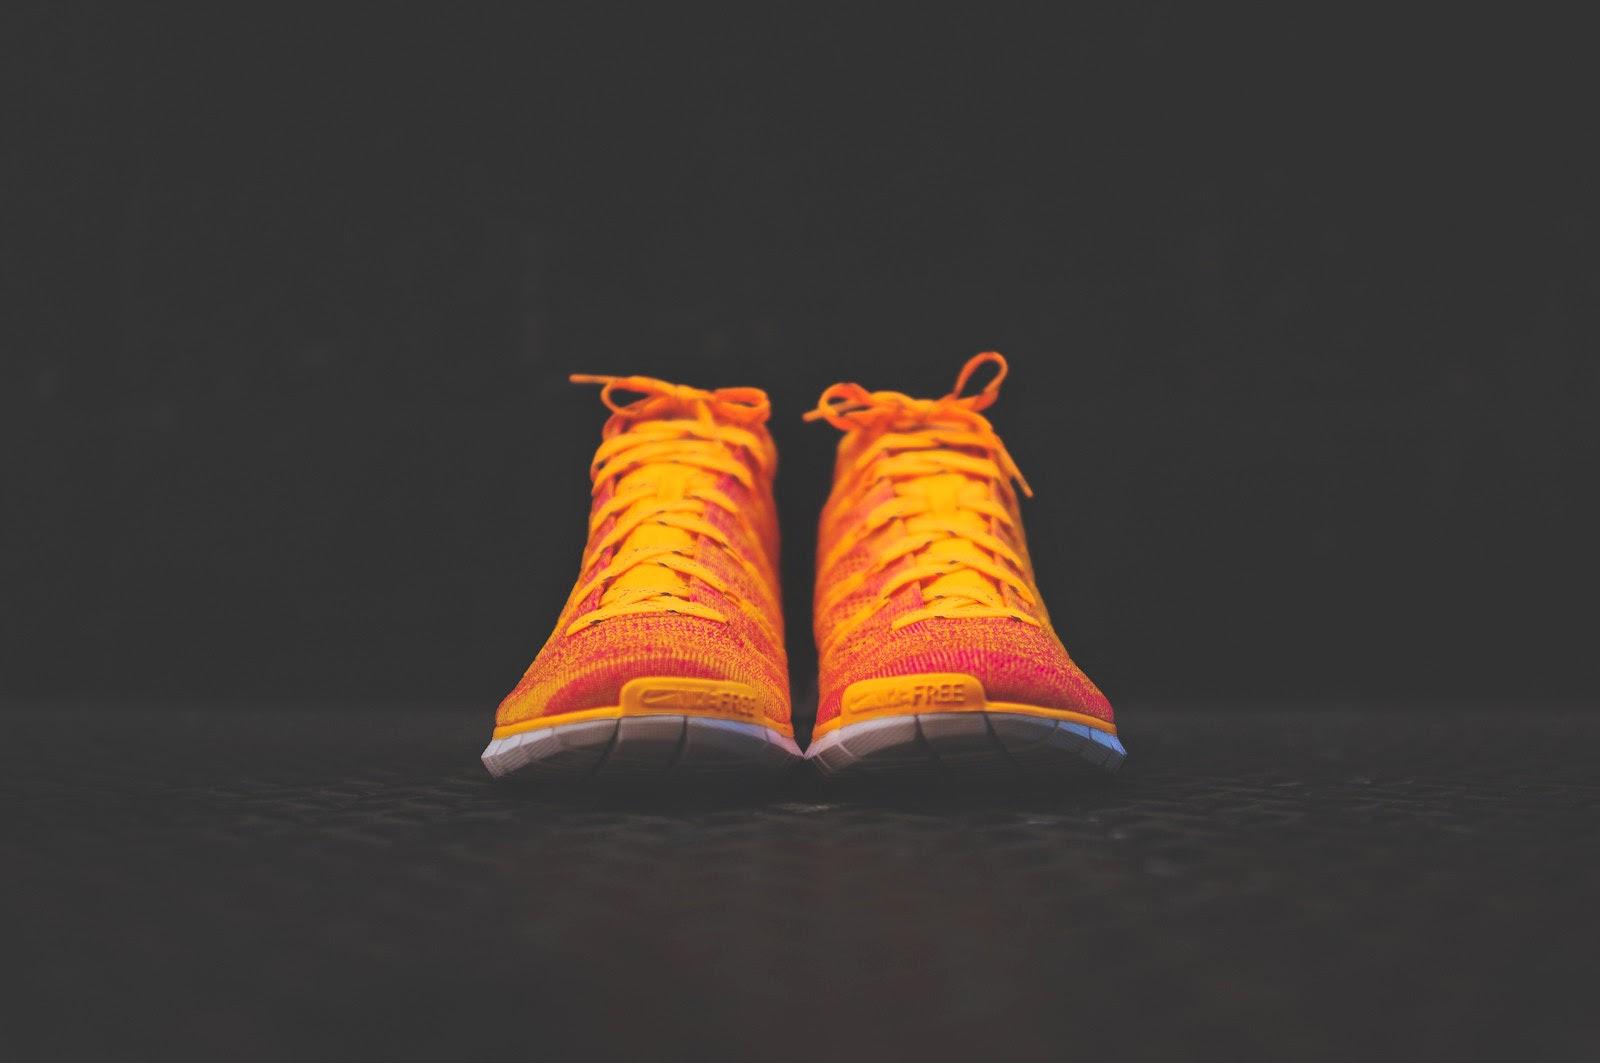 NIKE WMNS Free Flyknit Chukka - Atomic Mango - Wolf Grey - Pink Glow - Nike 639699-800 - 3